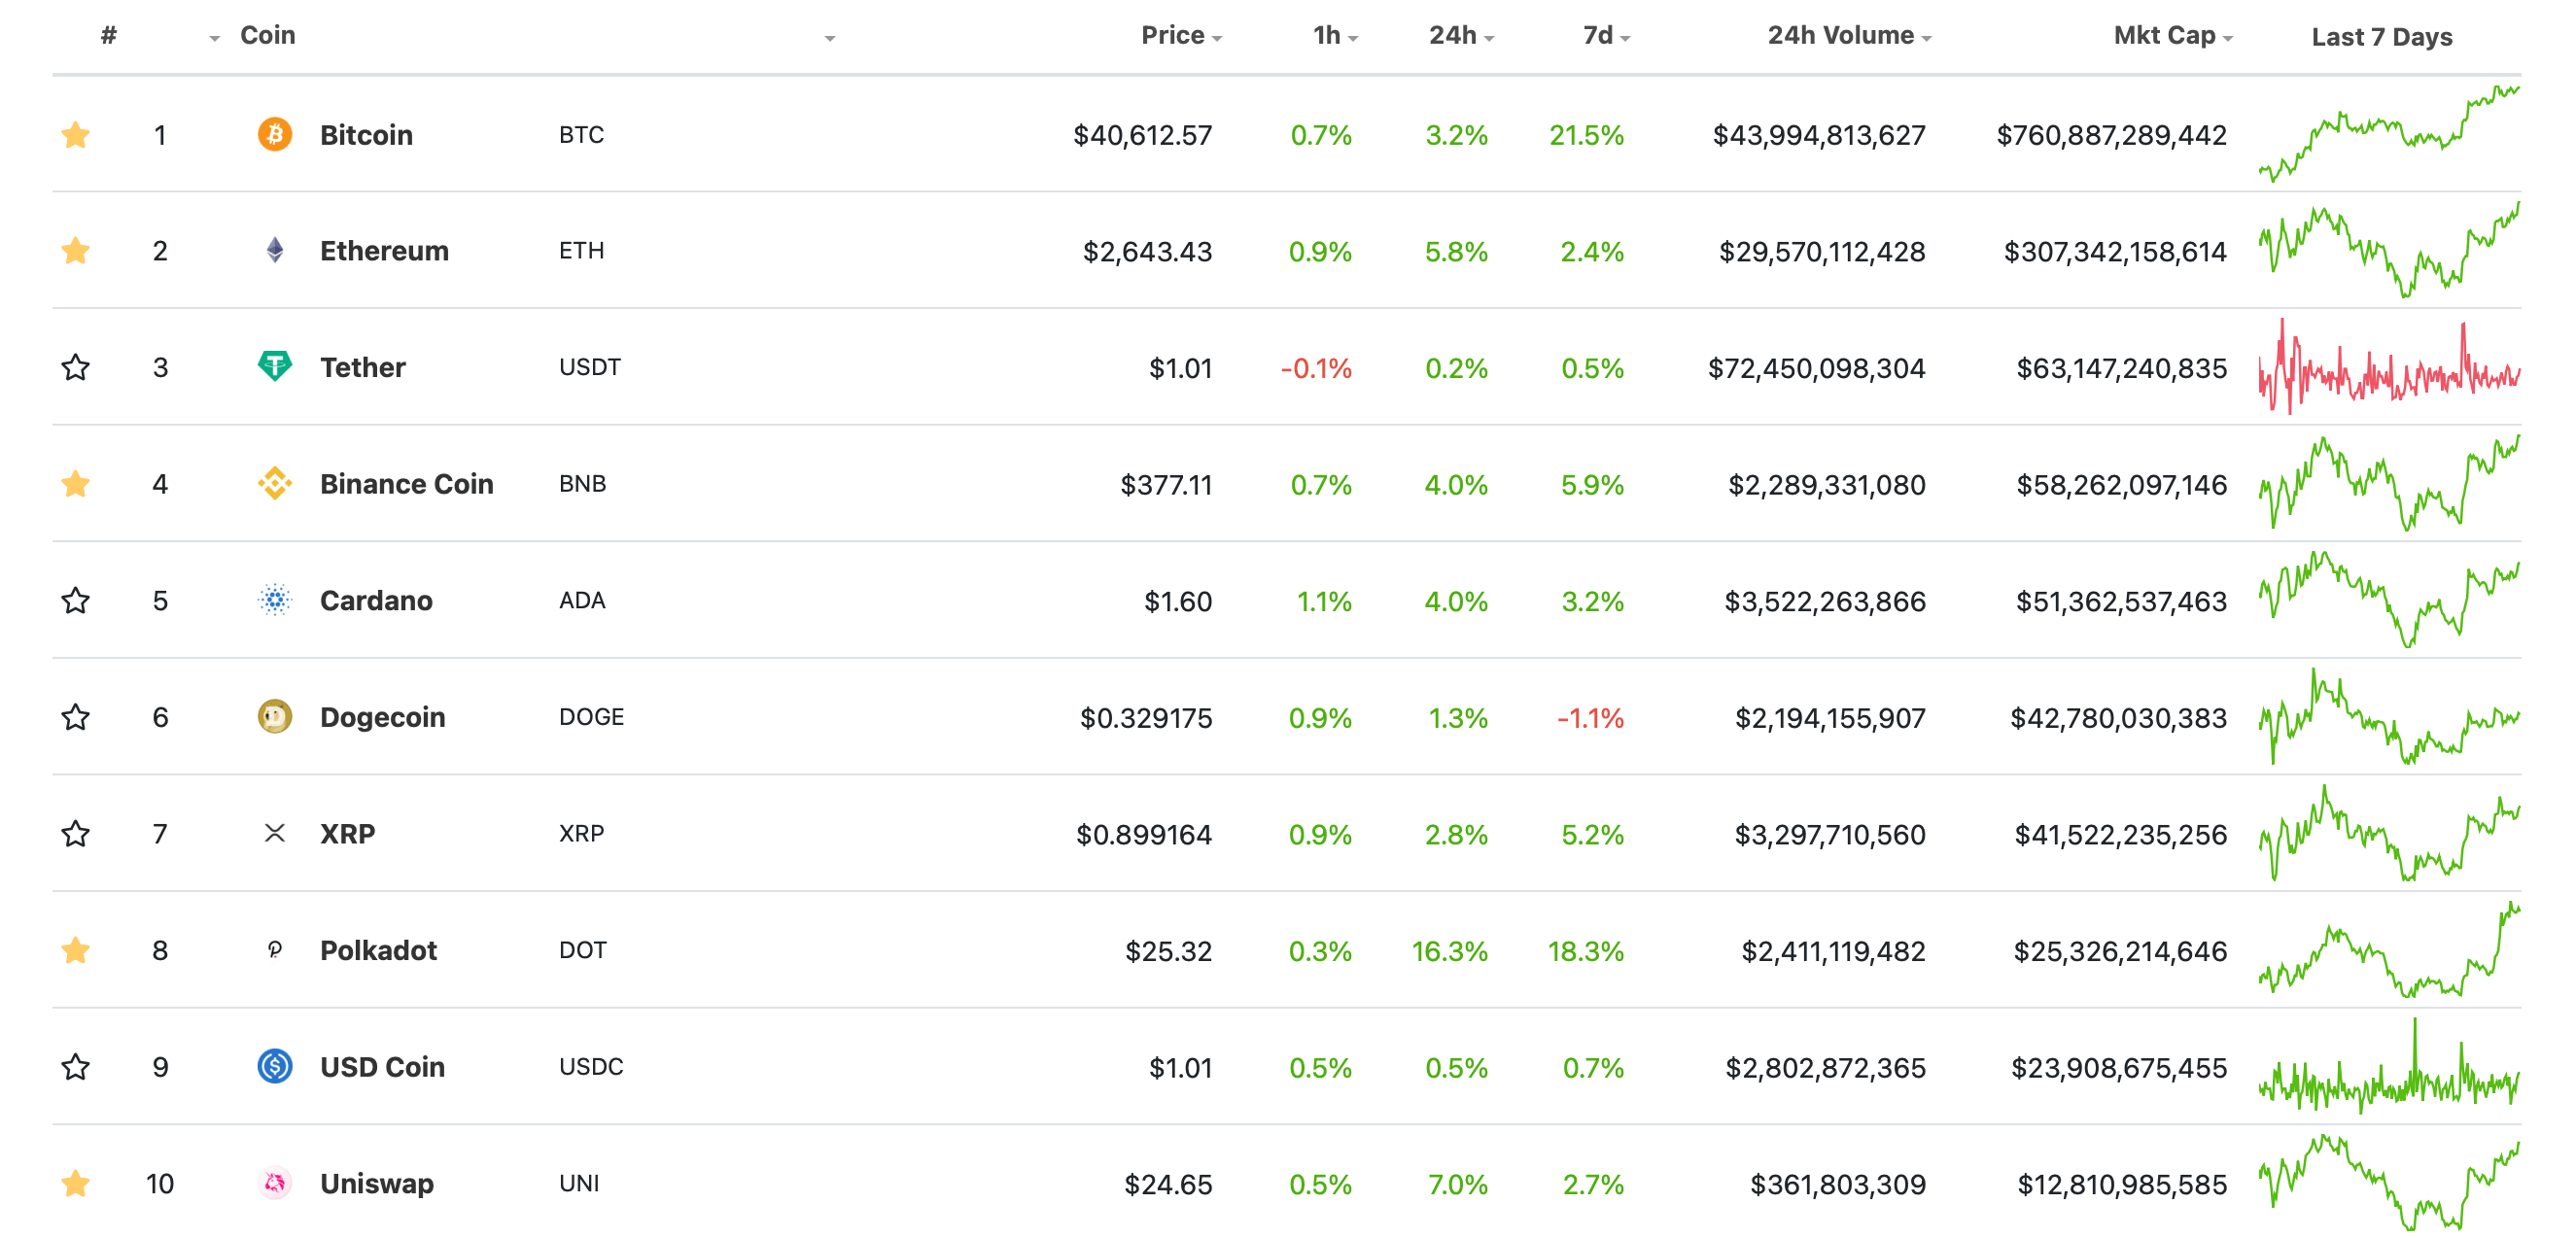 криптовалюты топ список